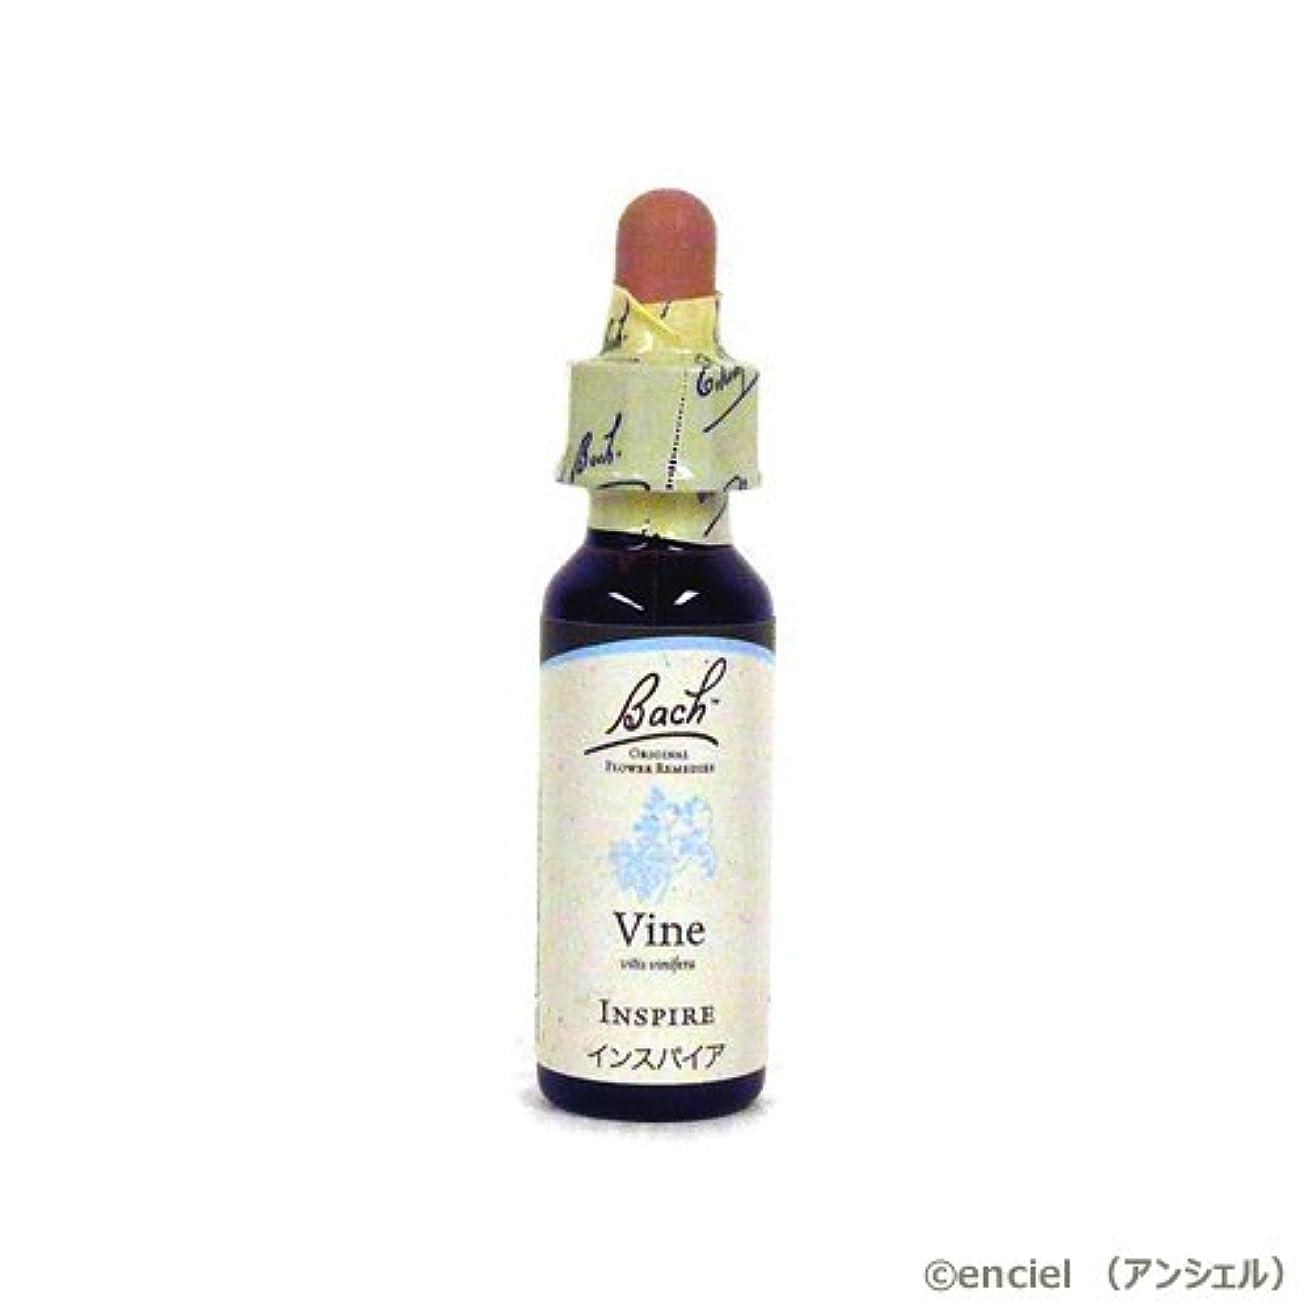 マングル思いやりゲートバッチフラワー レメディ バイン(VINE) 10ml グリセリンタイプ 日本国内正規品